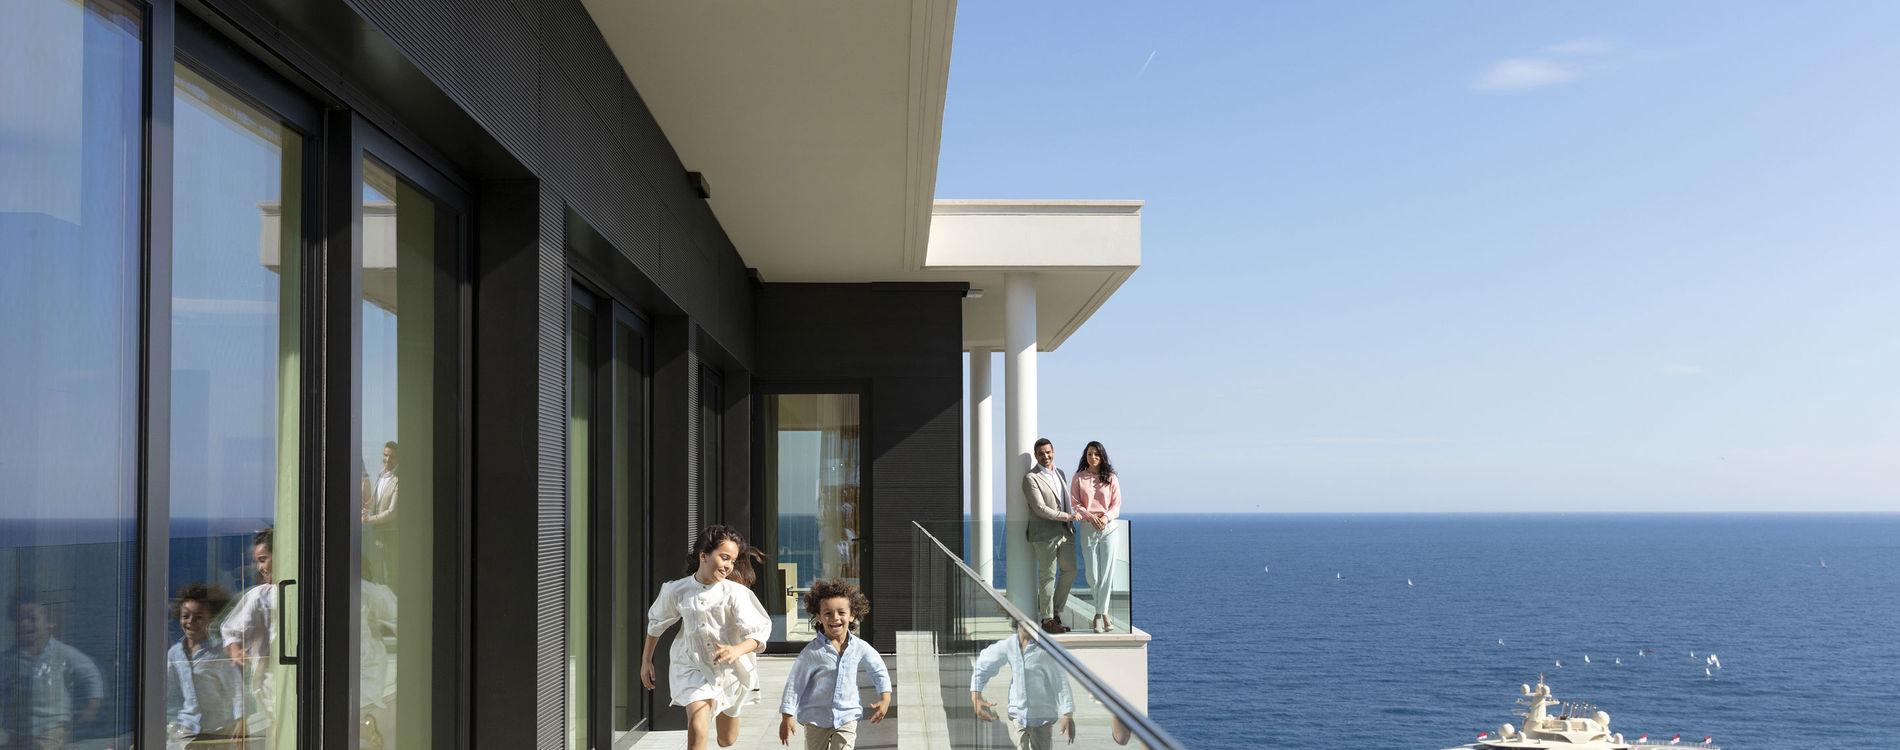 Dossier Les enfants à Monaco